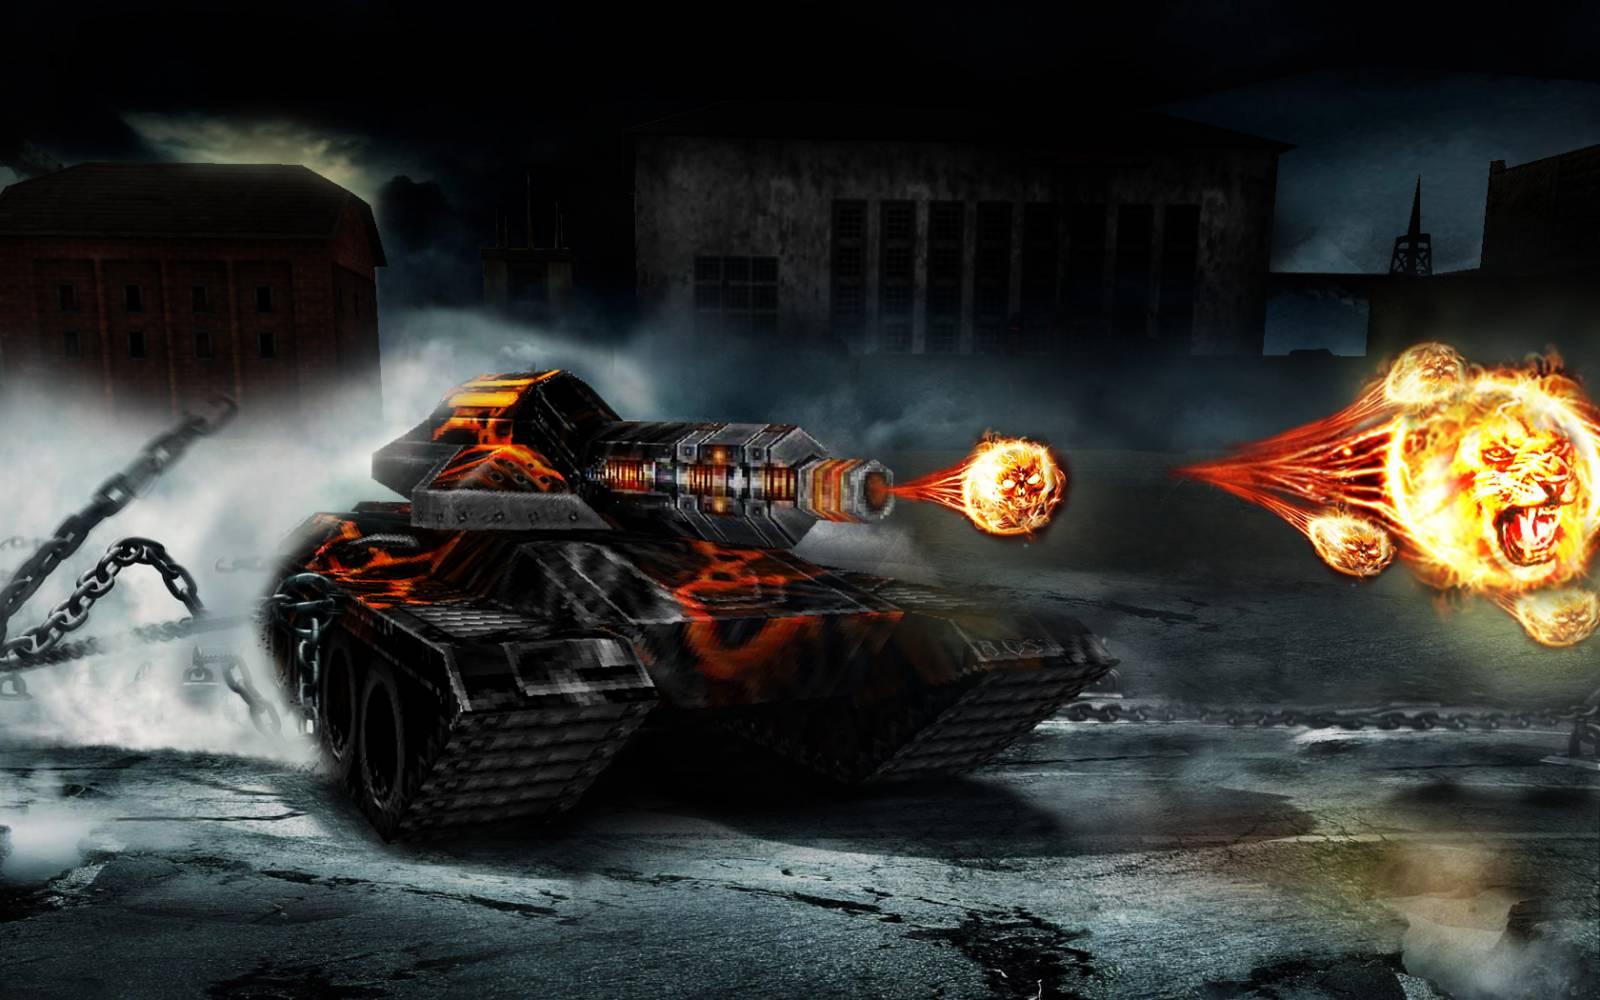 Крутые картинки про танки онлайн, дню рождения мамы